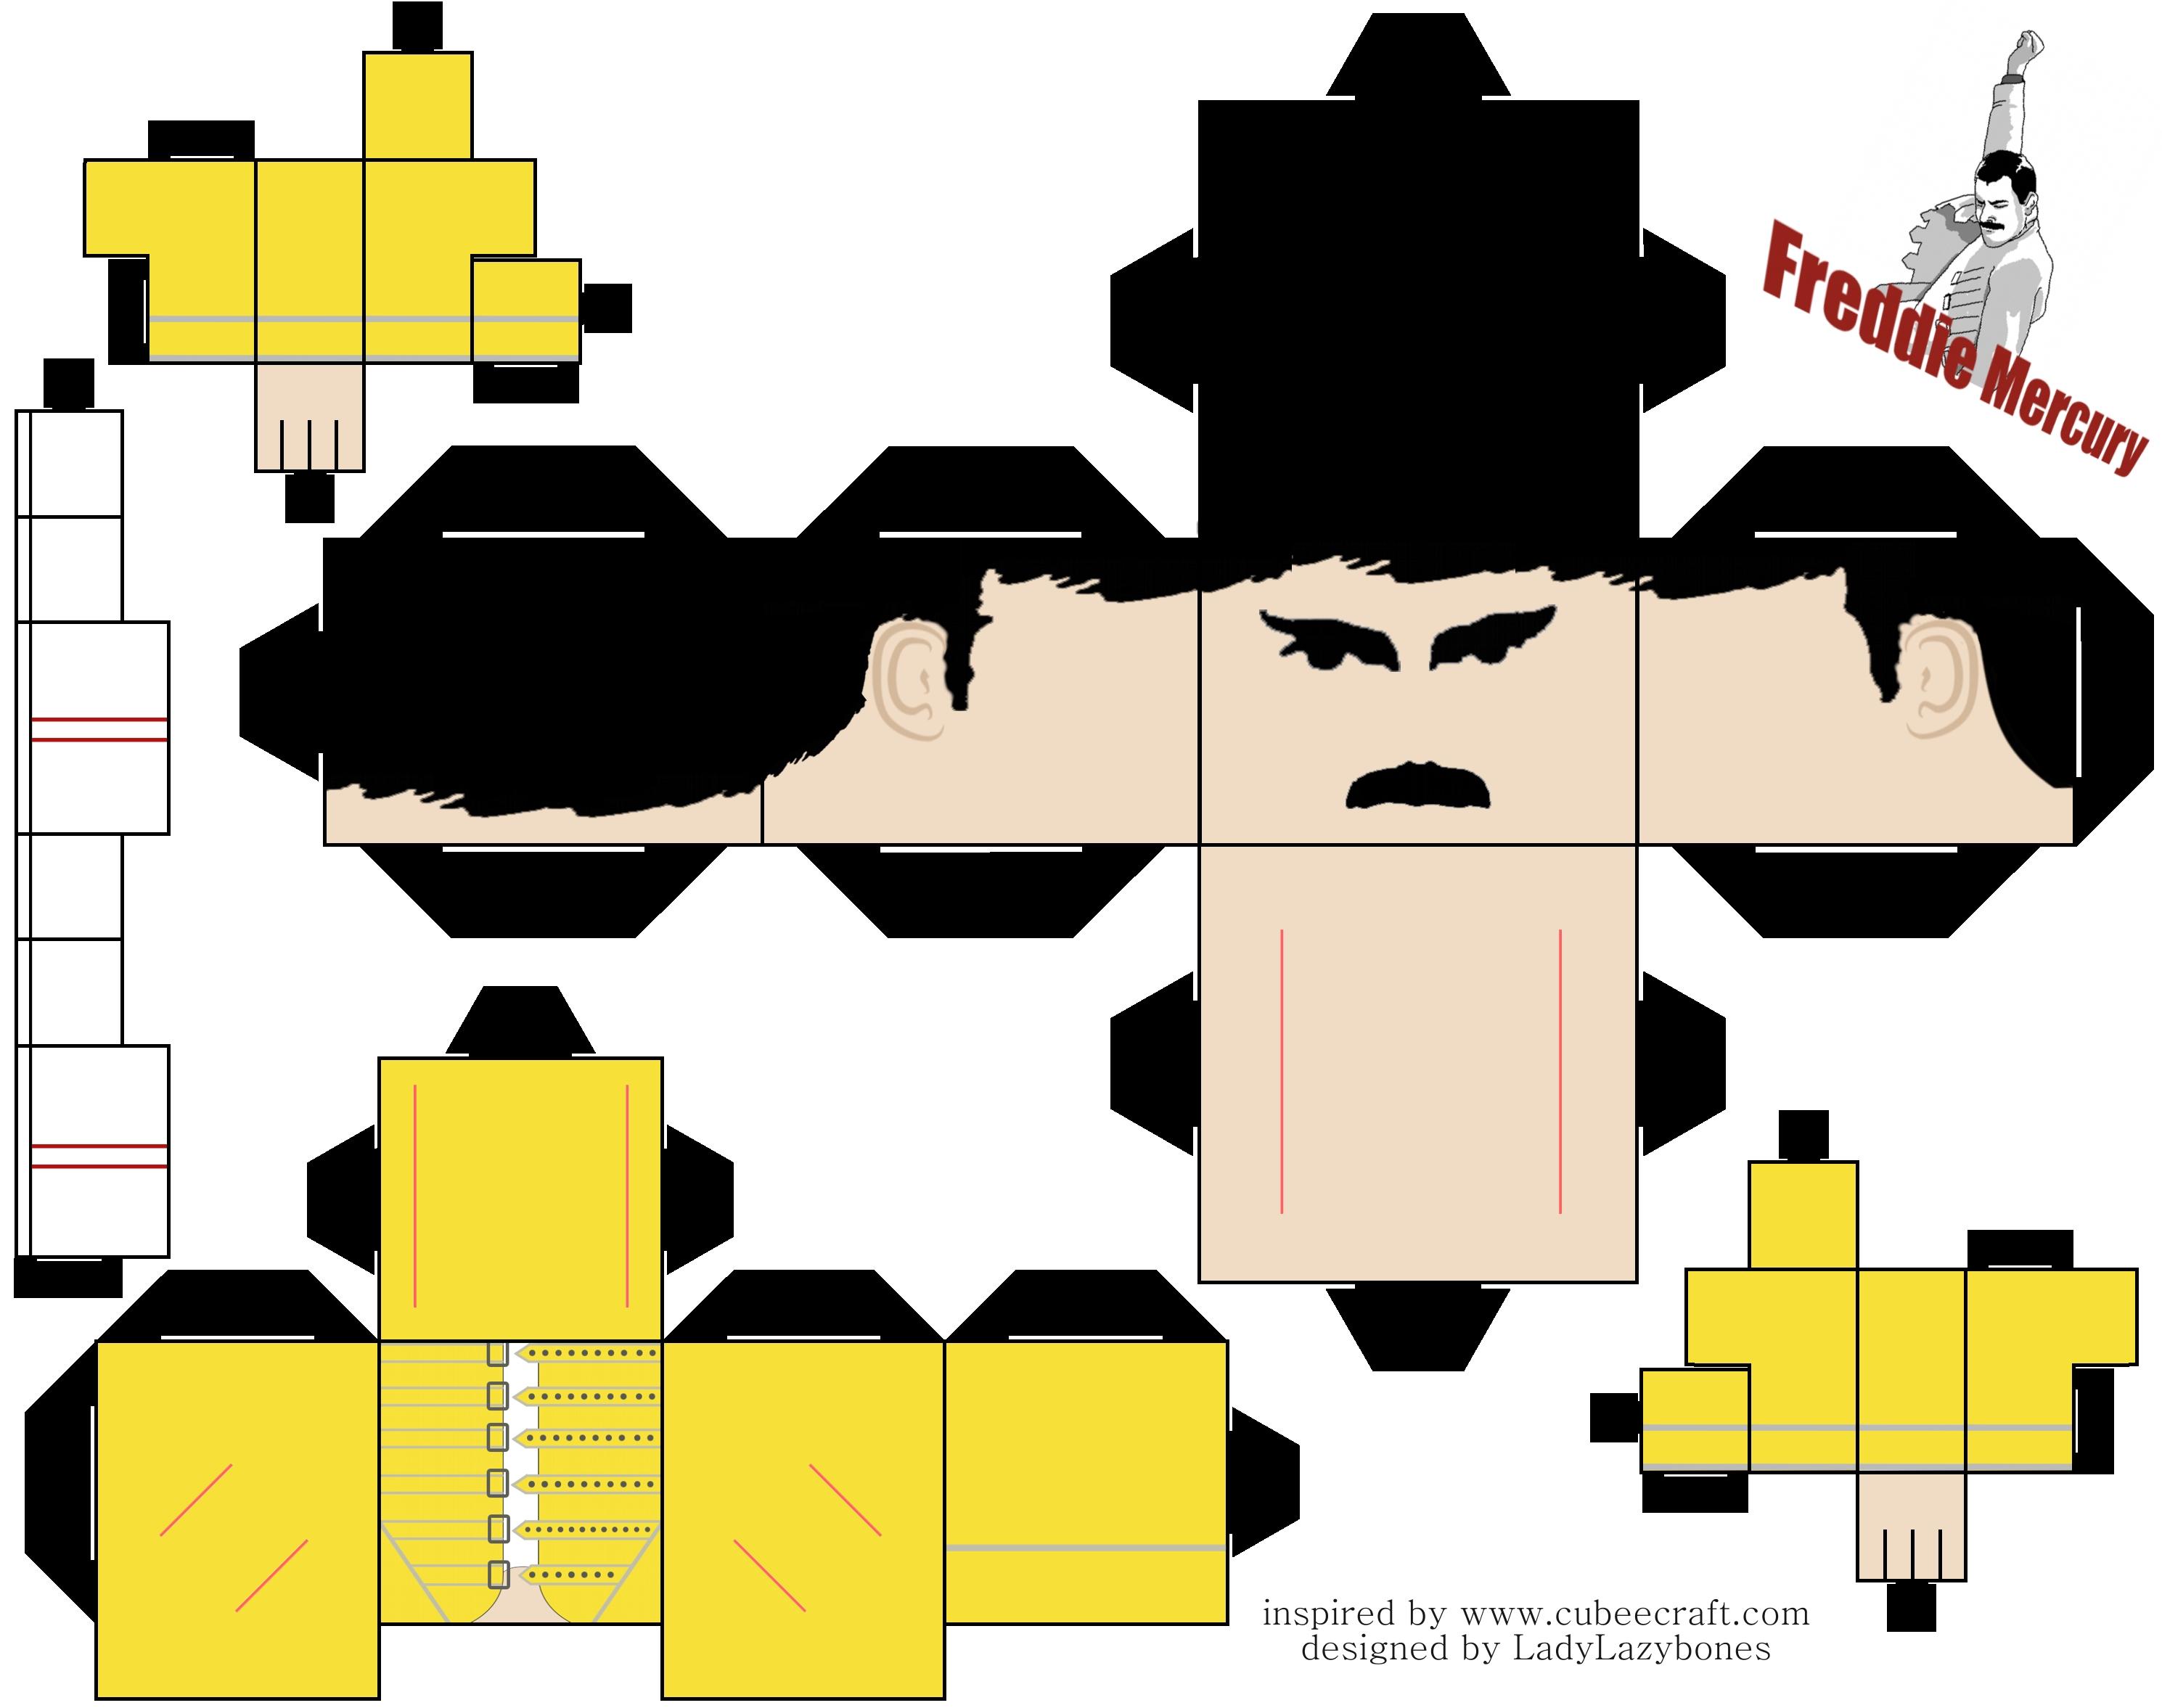 Freddie Mercury cubeecraft